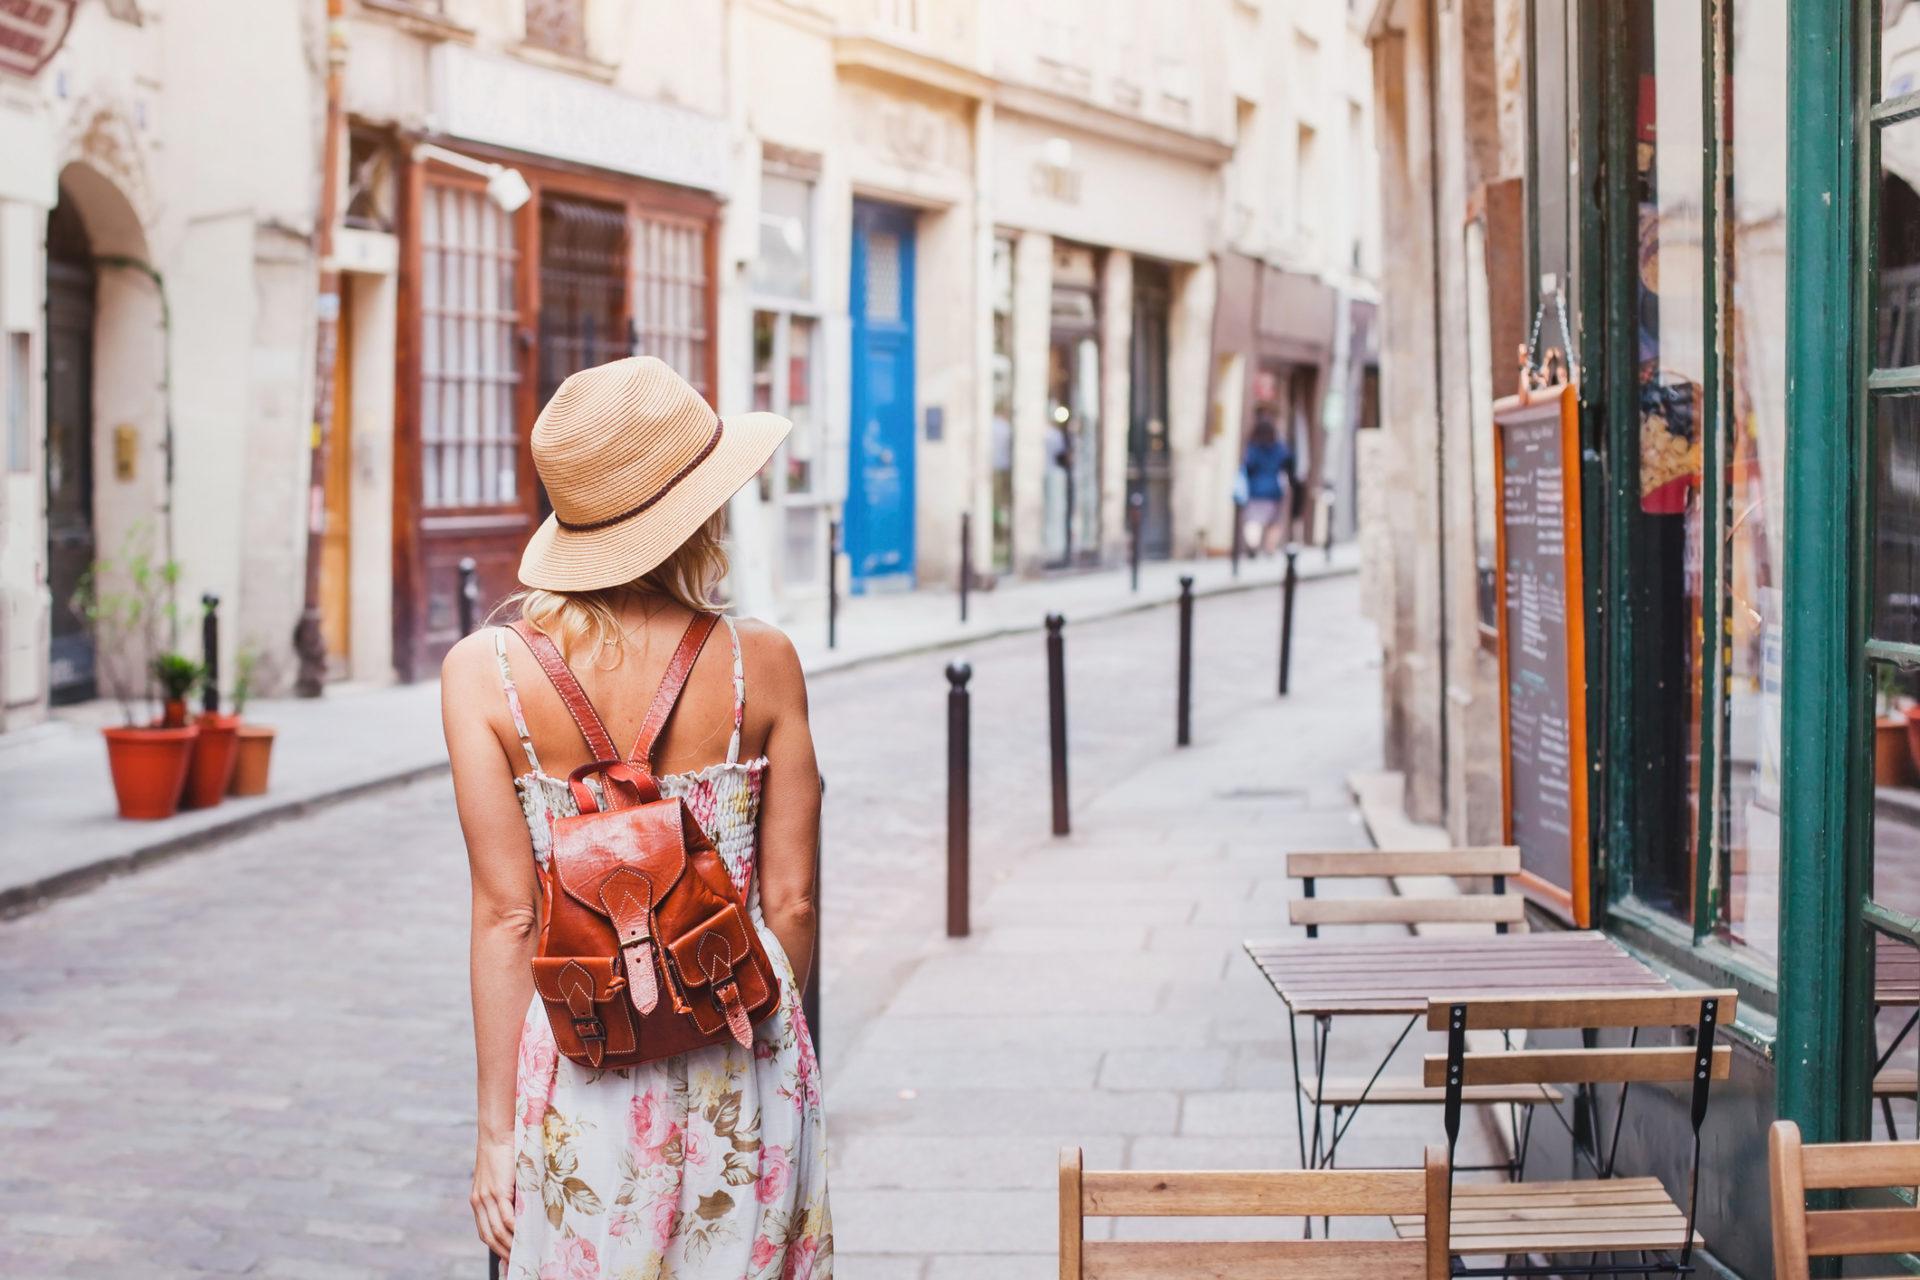 10 דברים שאסור לפספס בליסבון – פורטוגל